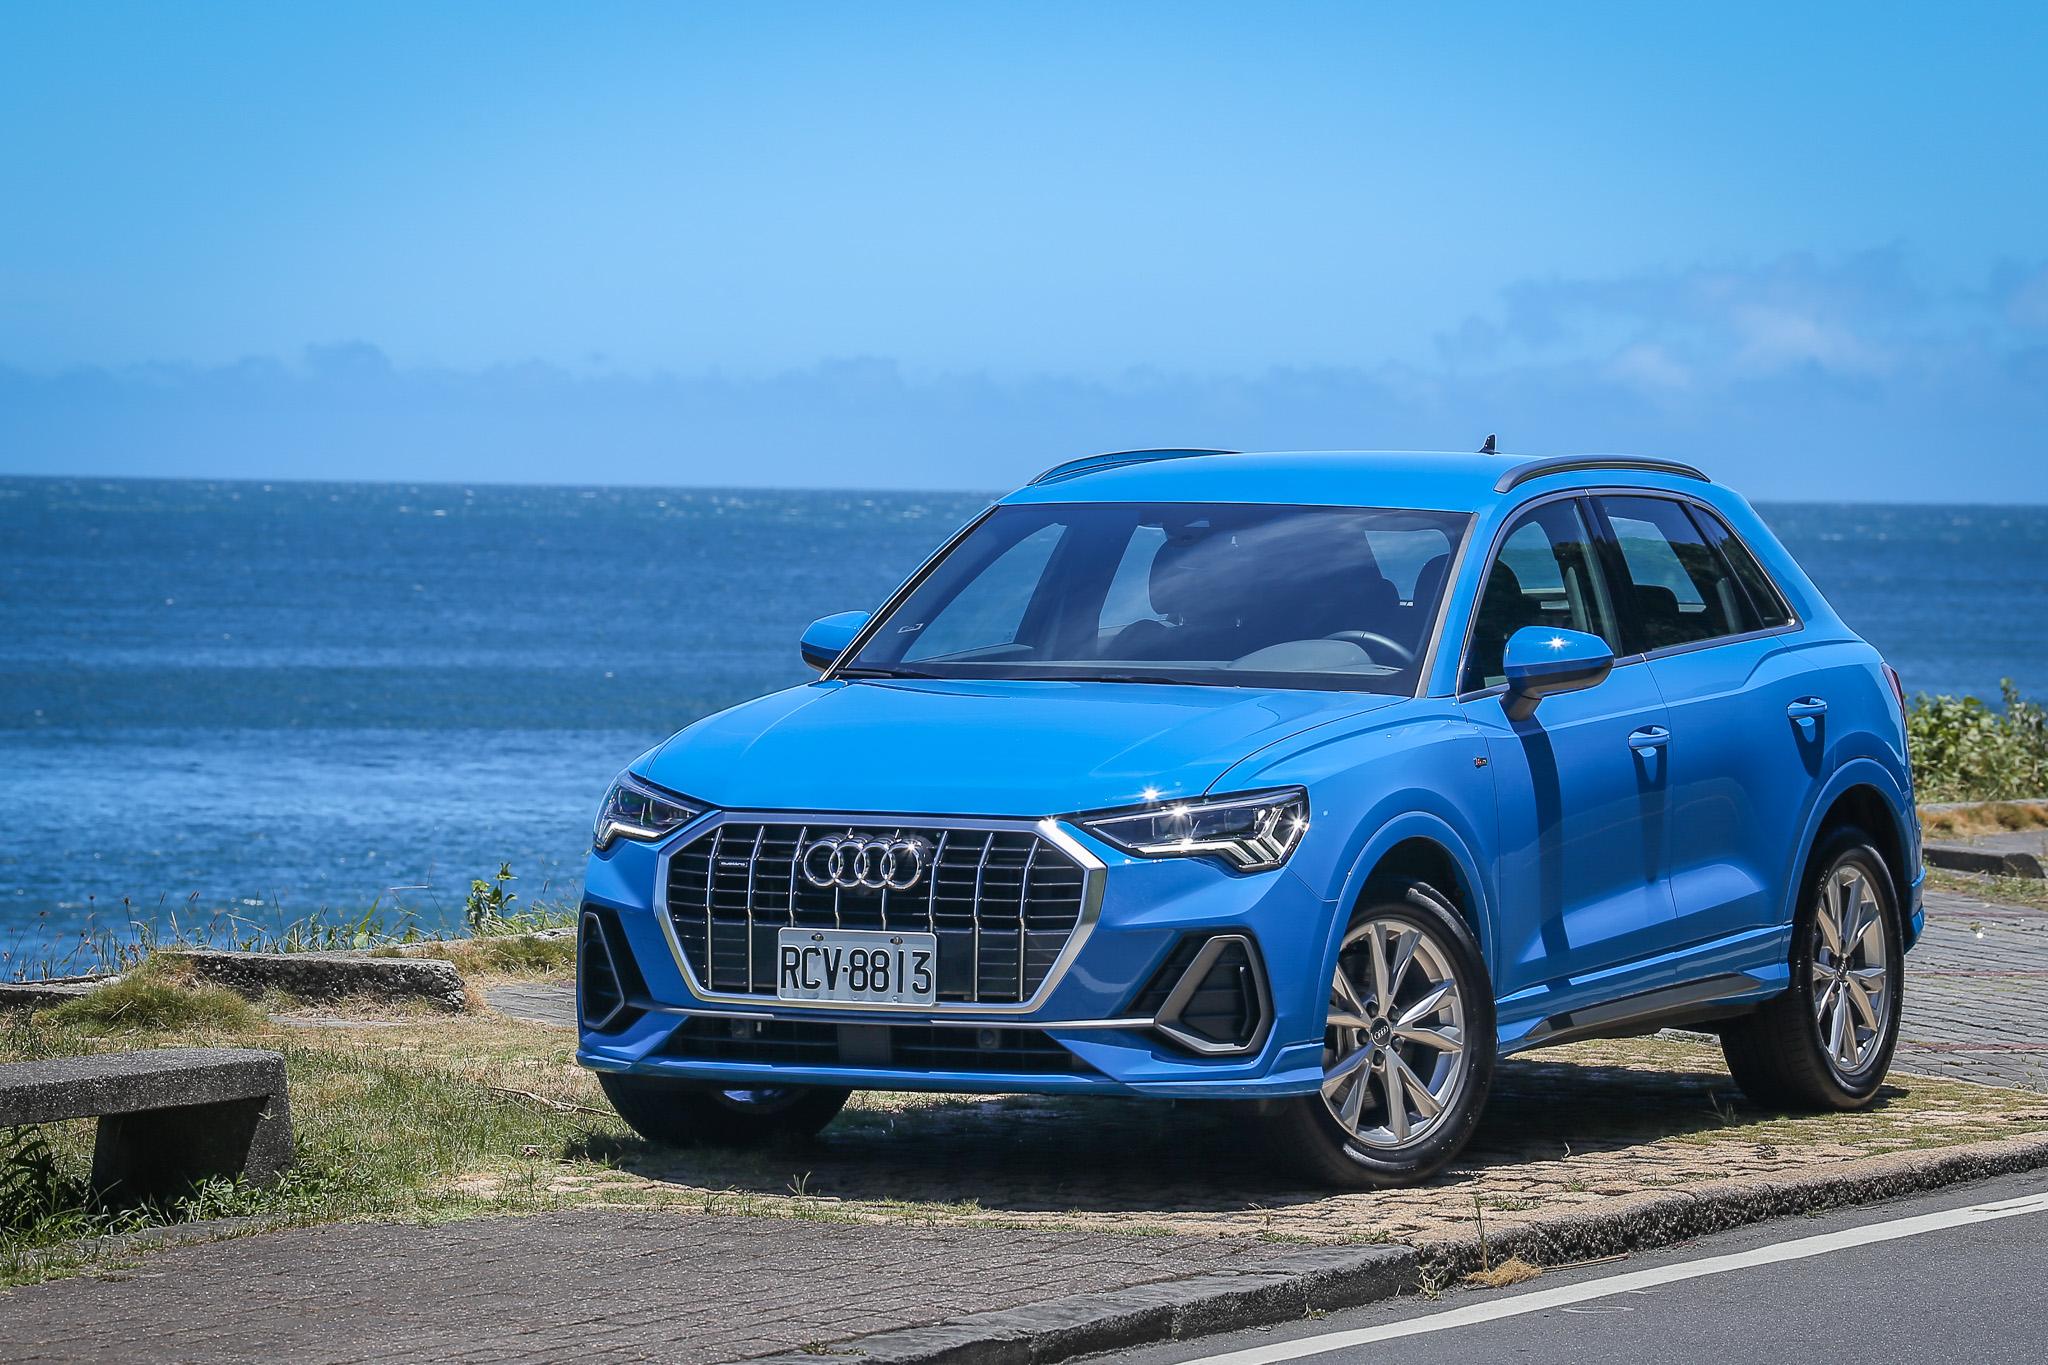 試駕車款為Audi Q3 40 TFSI quattro S line,建議售價自新台幣 216 萬起。